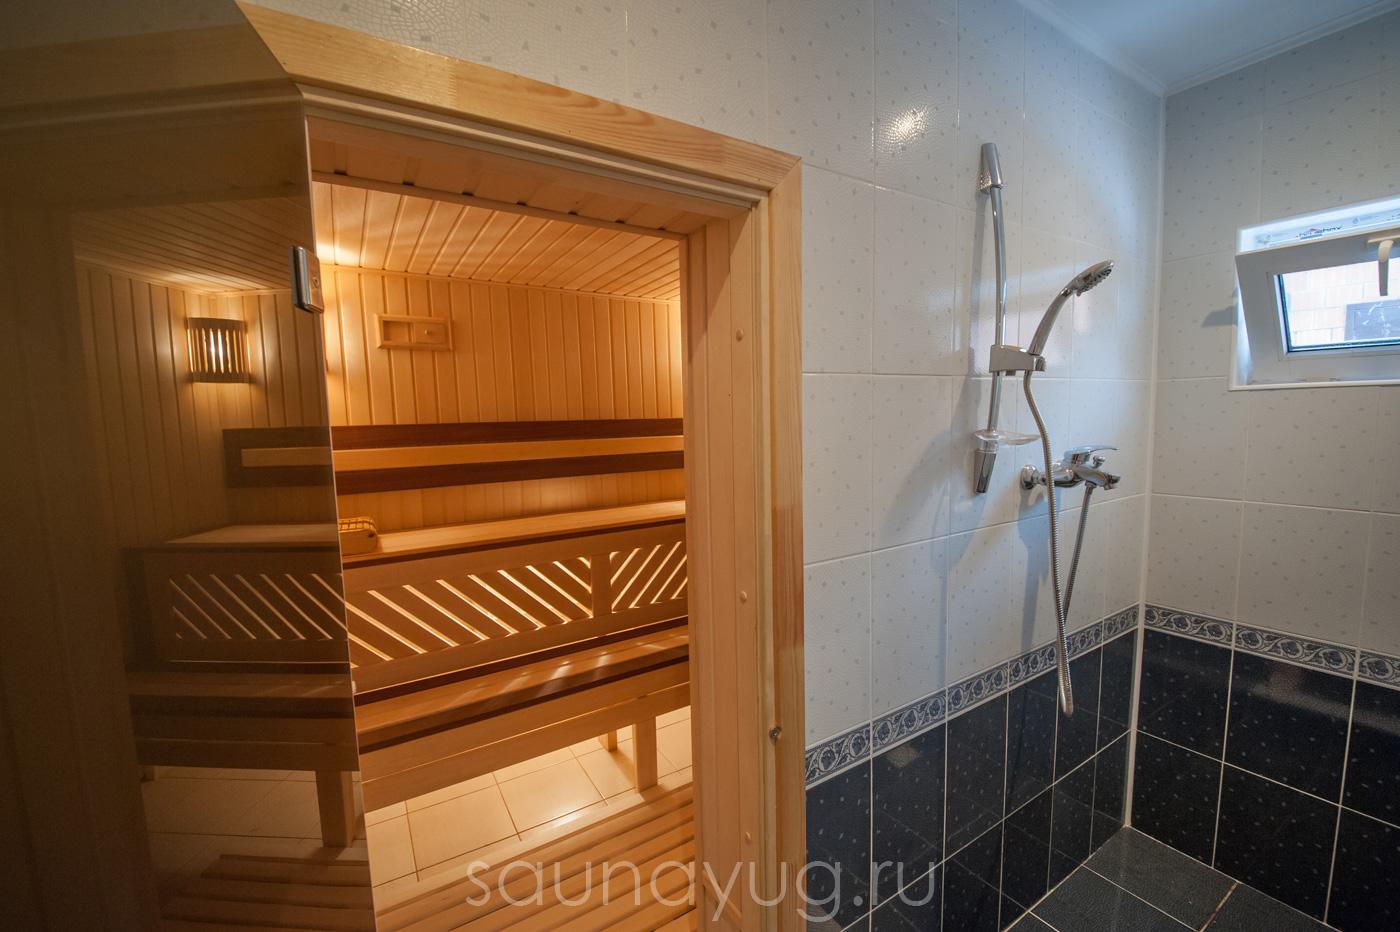 Отделка бани внутри фото парилка душевая комната отдыха своими руками